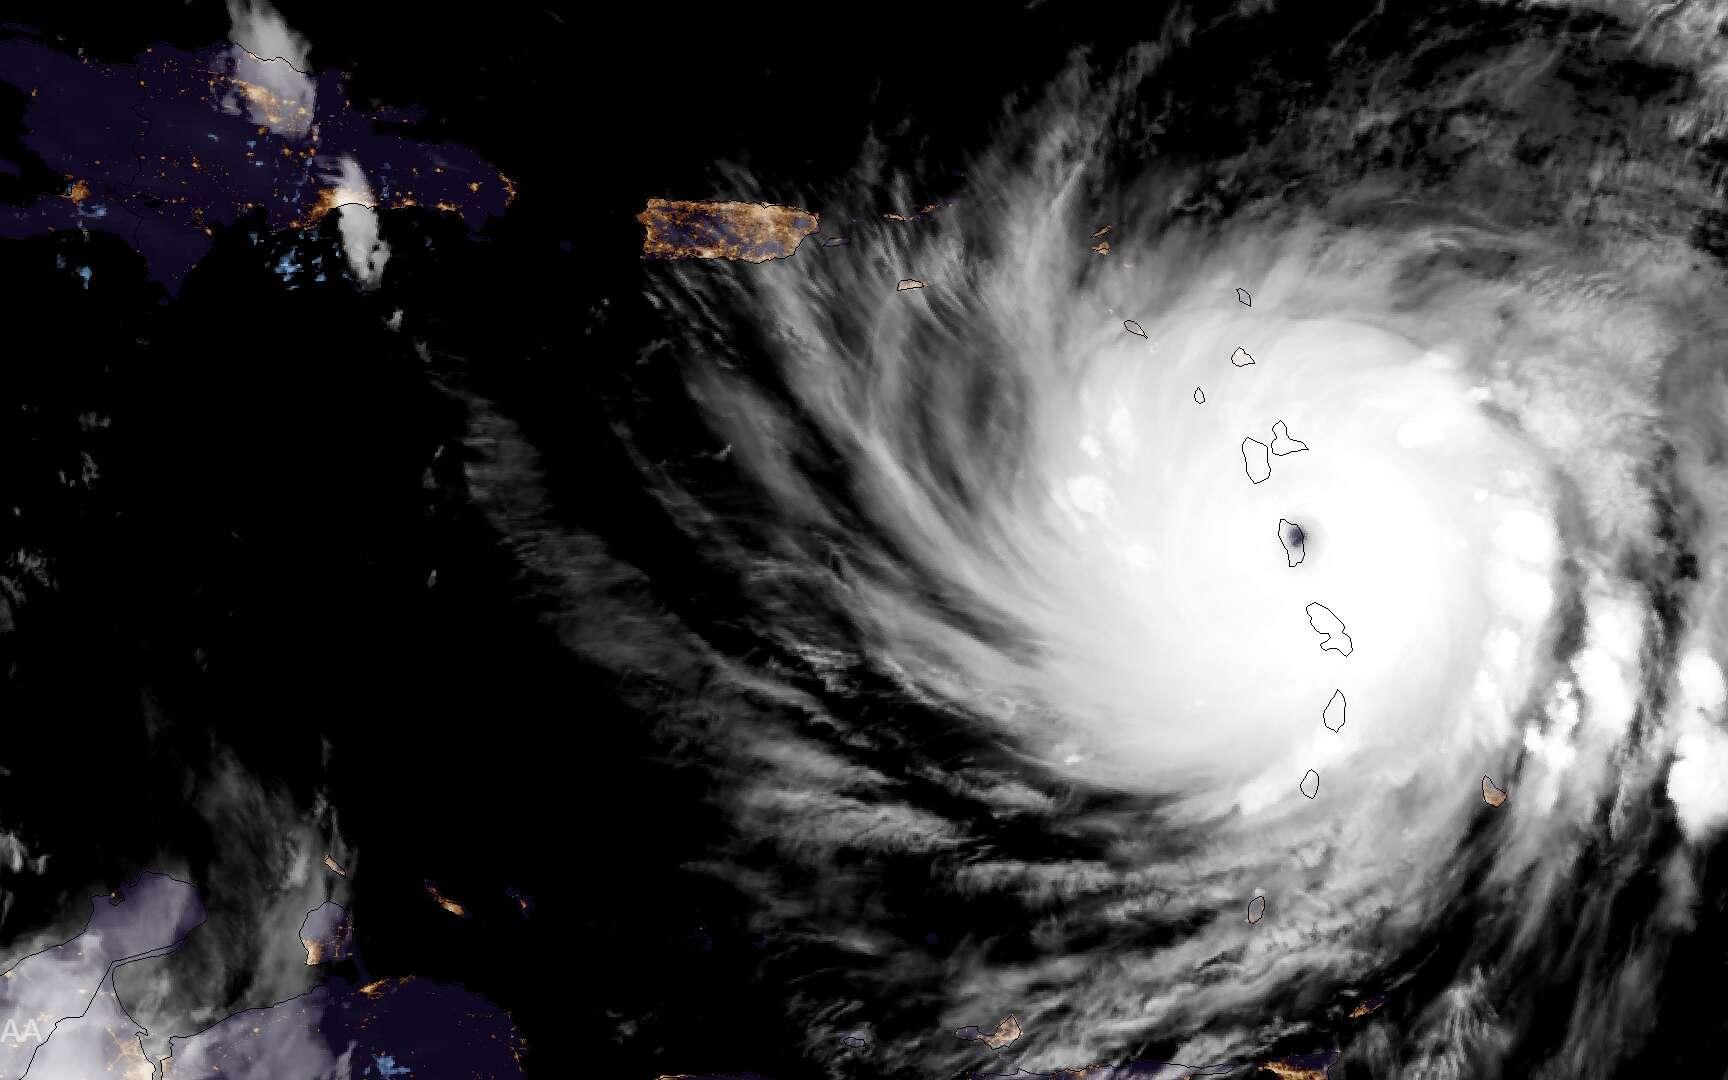 Jean-Louis Étienne a répondu à nos questions sur les ouragans récents et sur l'évolution du climat. Ici, le cyclone Maria vu par le satellite GOES-16 le 19 septembre 2017. L'œil est sur la Dominique, une île des Antilles située entre la Guadeloupe et la Martinique. © NOAA